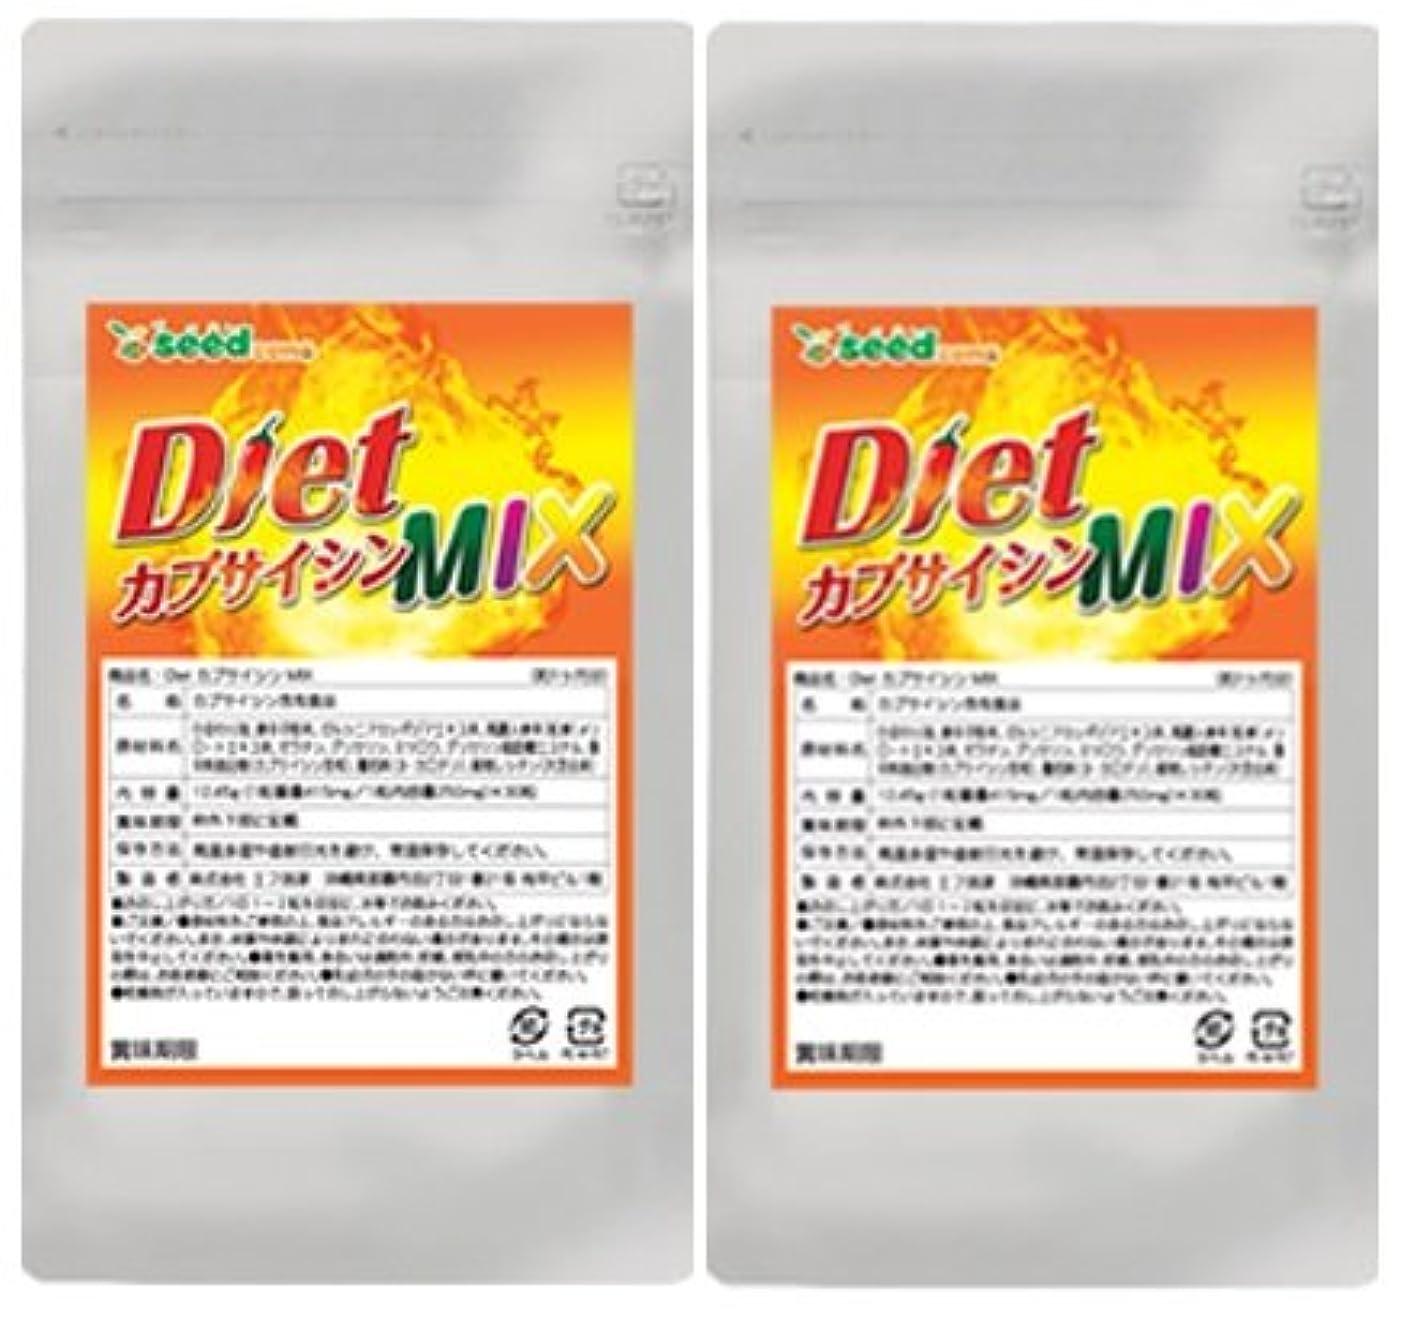 高齢者衝撃約束する【 seedcoms シードコムス 公式 】Diet カプサイシン MIX (約6ケ月分) メリロート、高麗人参もプラス